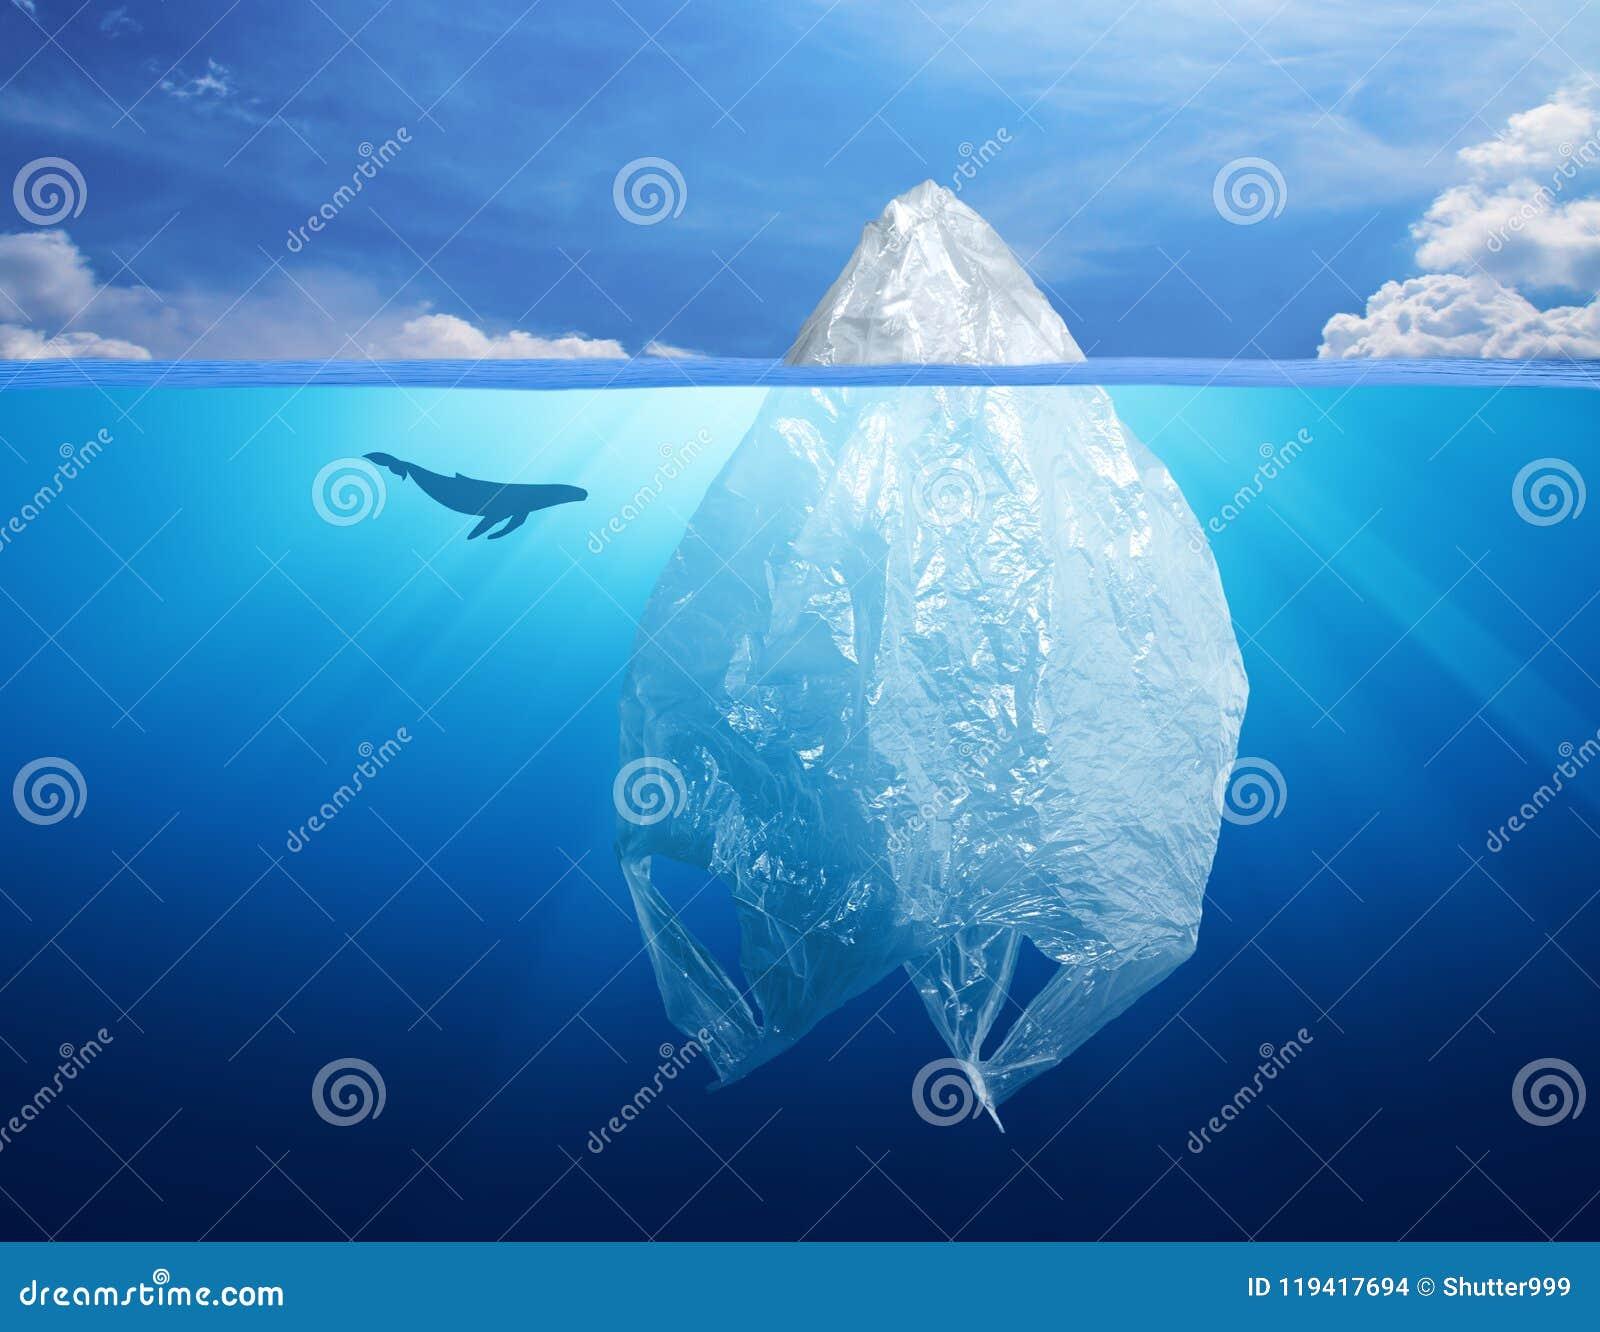 塑料袋与冰山的环境污染